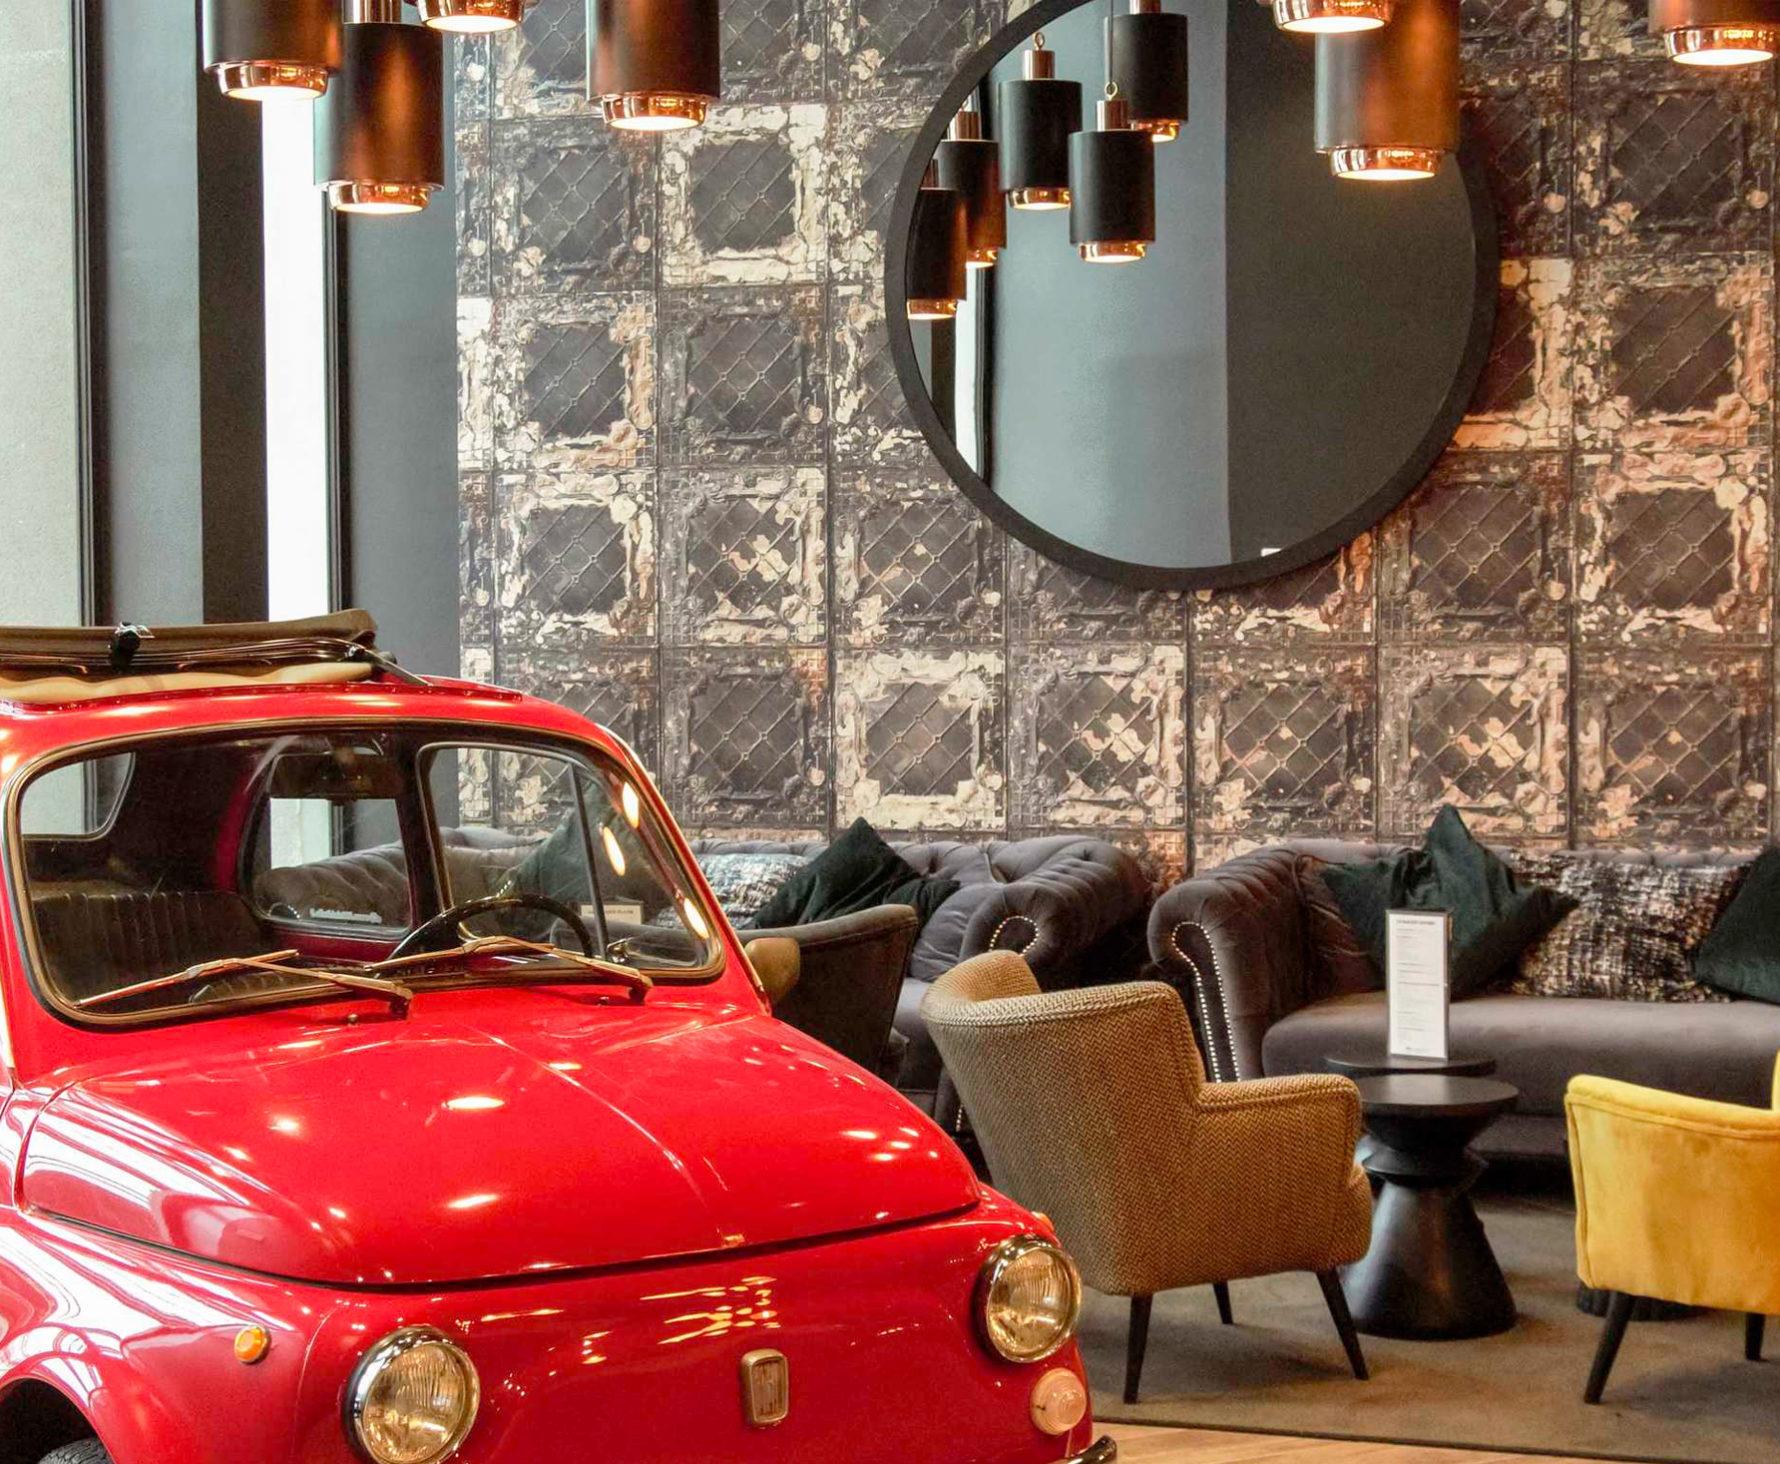 Rénovation et décoration de l'hôtel Ibis du Mans sur le thème des 24h du mans